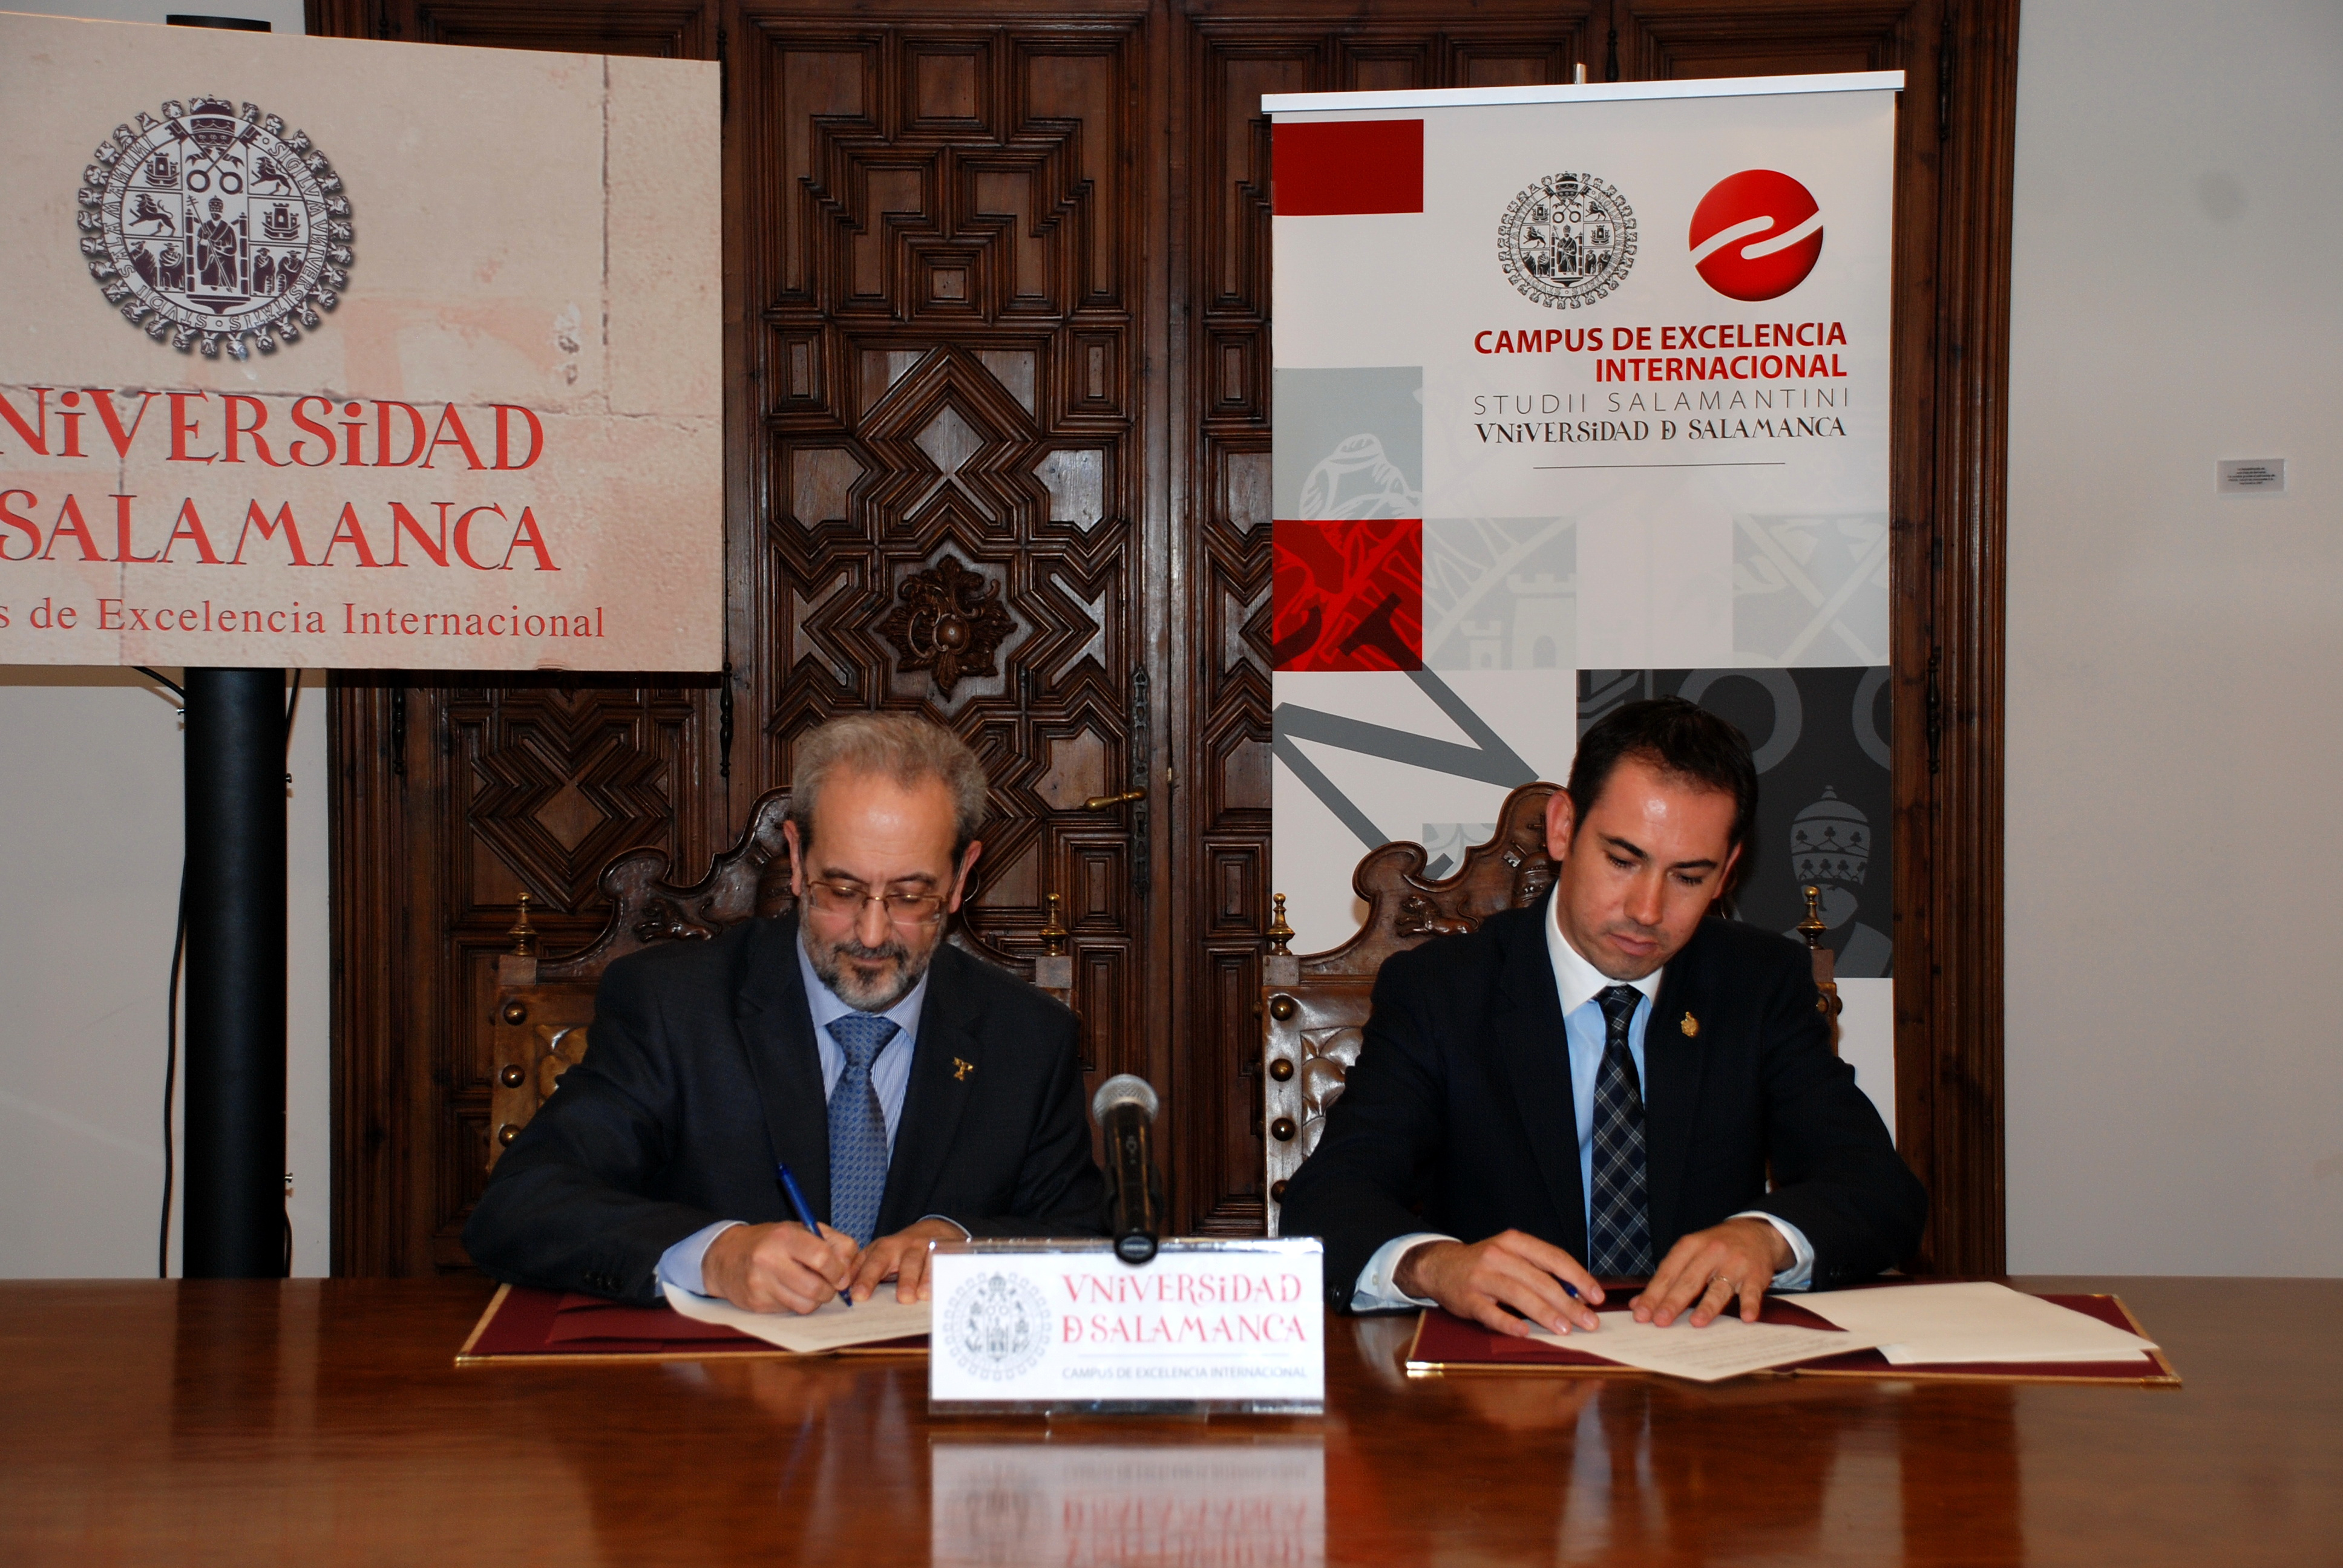 La Universidad y el Ayuntamiento de Salamanca (México) suscriben un convenio de colaboración